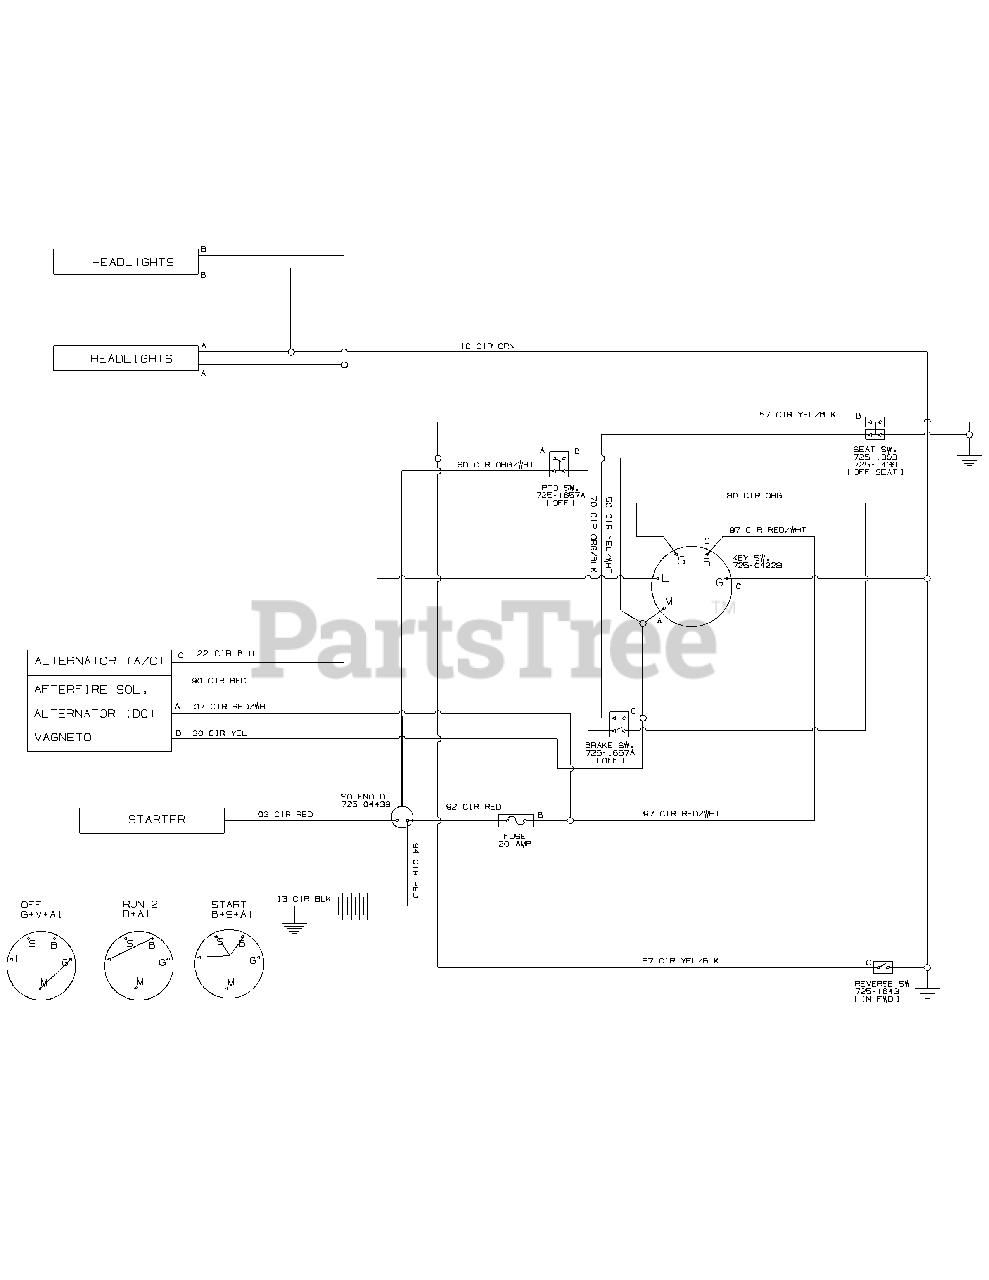 Bolens 13WC762F065 - Bolens Lawn Tractor (2011) Wiring Diagram - 925-04082  Parts Lookup with Diagrams | PartsTreePartsTree